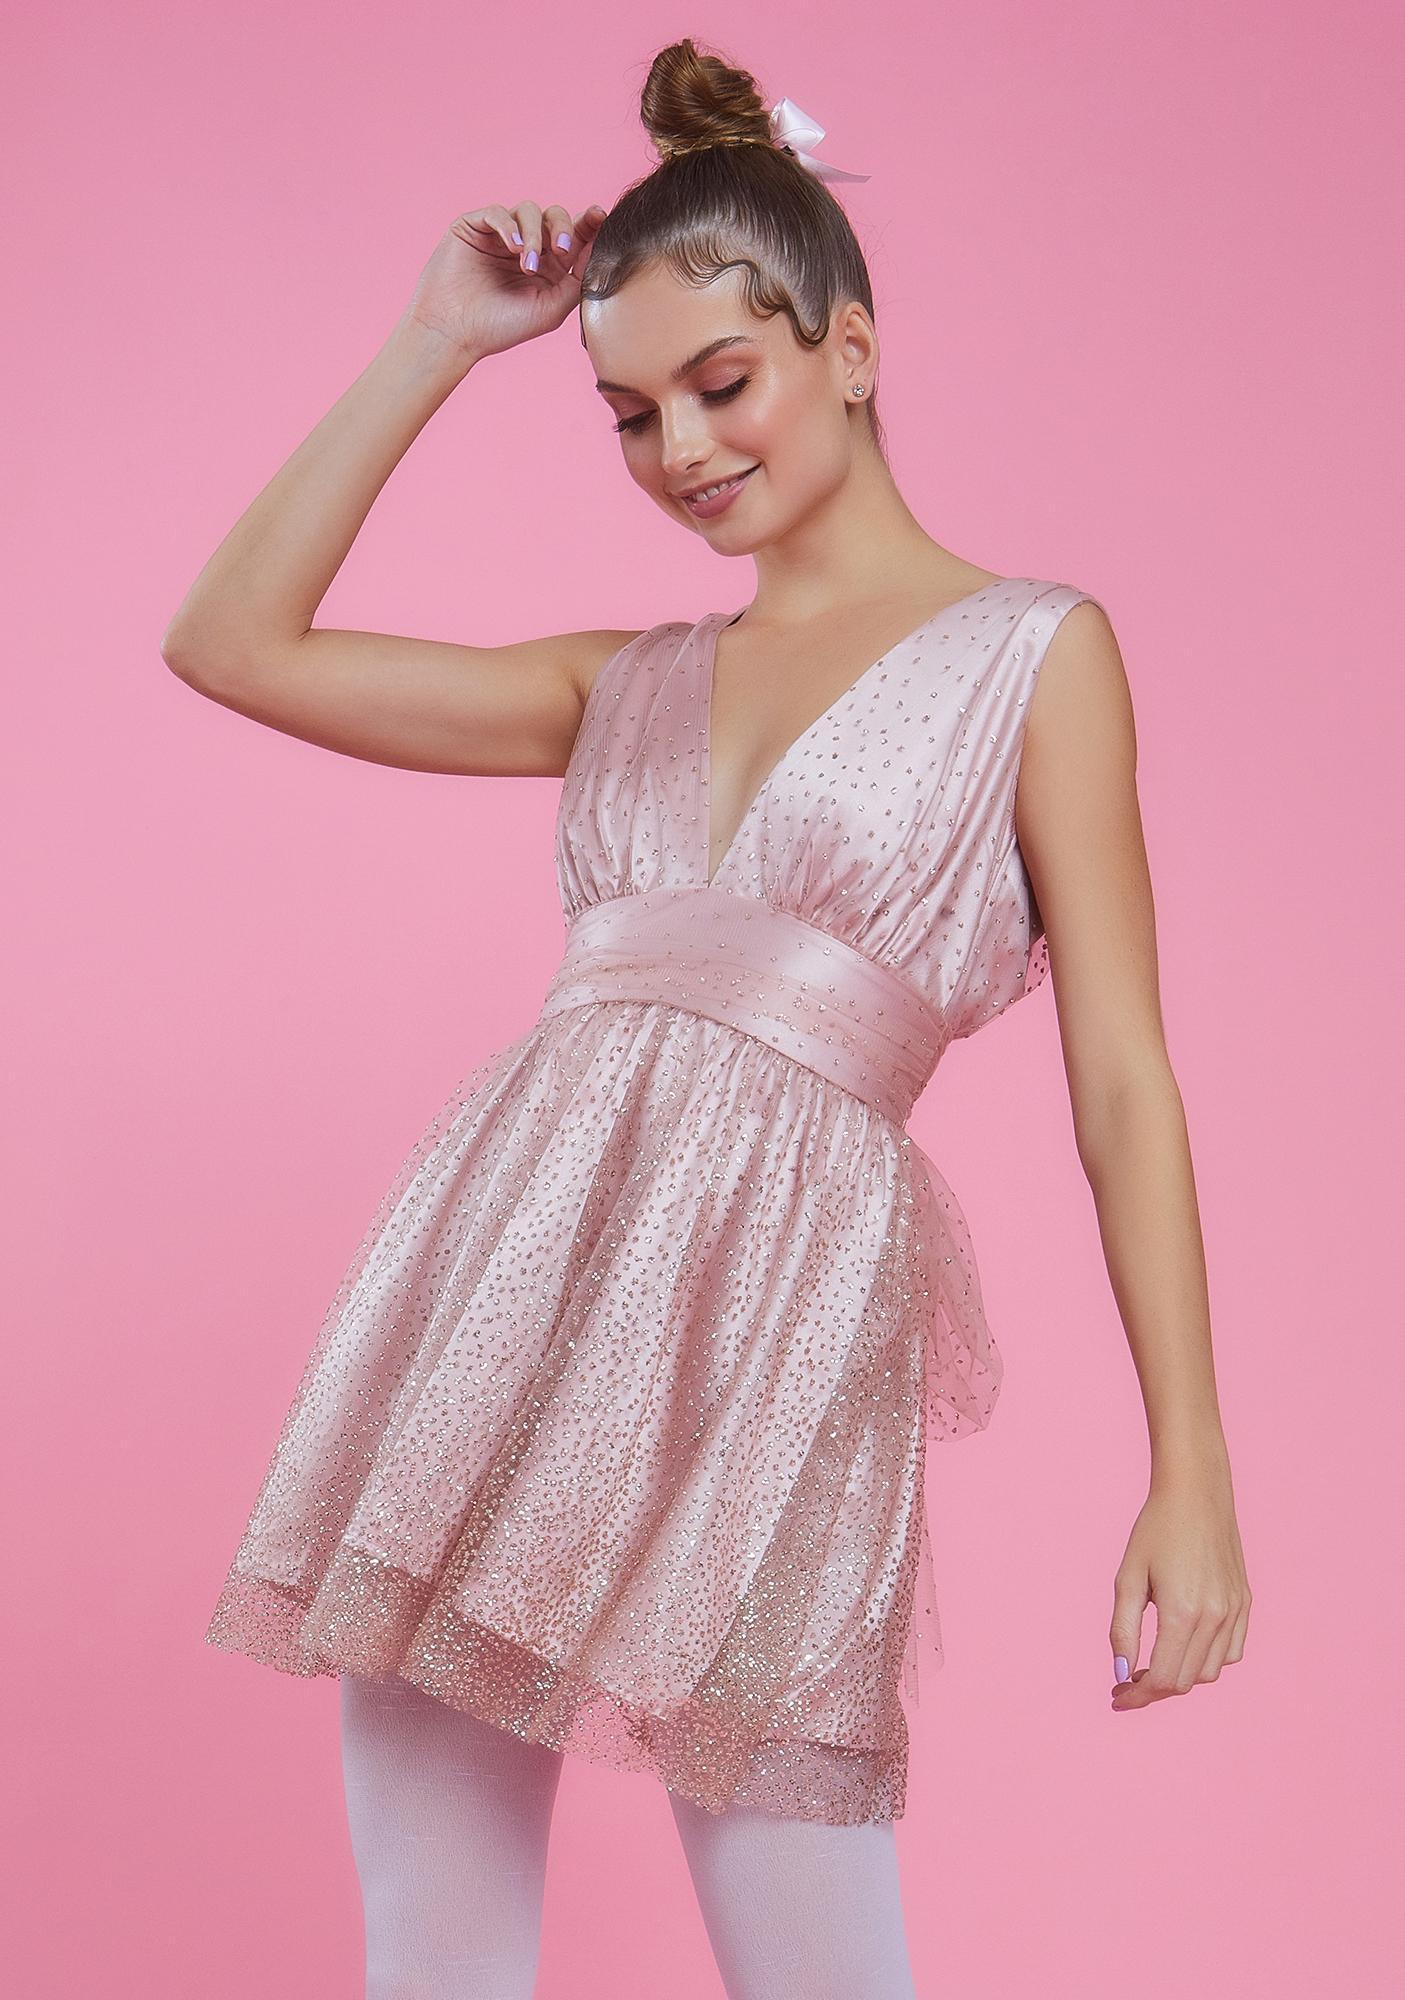 Sugar Thrillz High Class Sass Tulle Dress